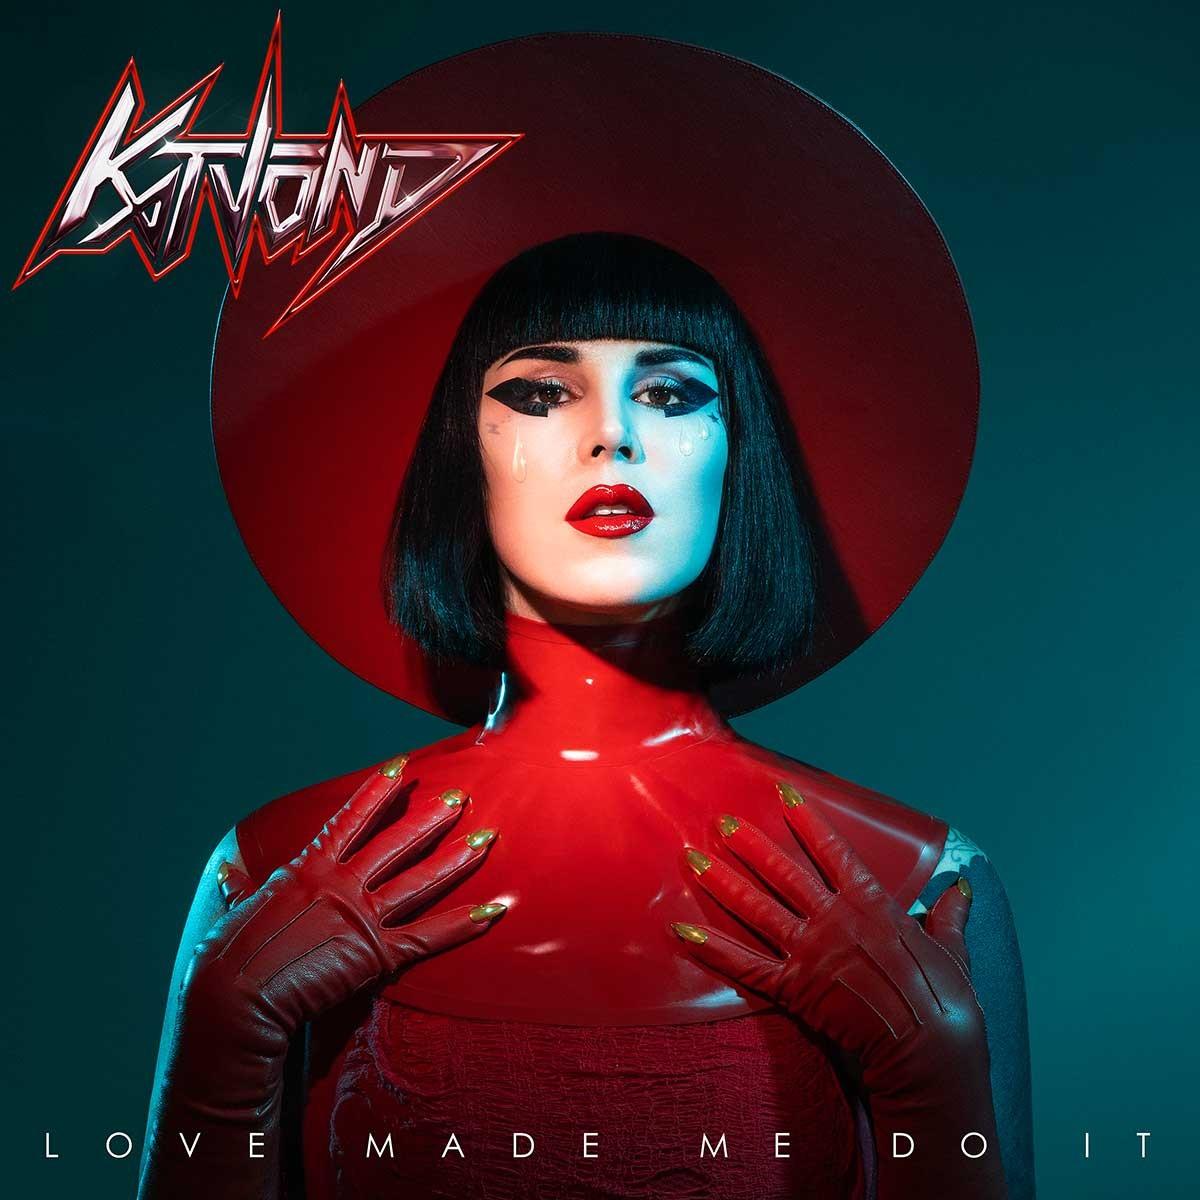 Kat Von D - Love Made Me Do It - album